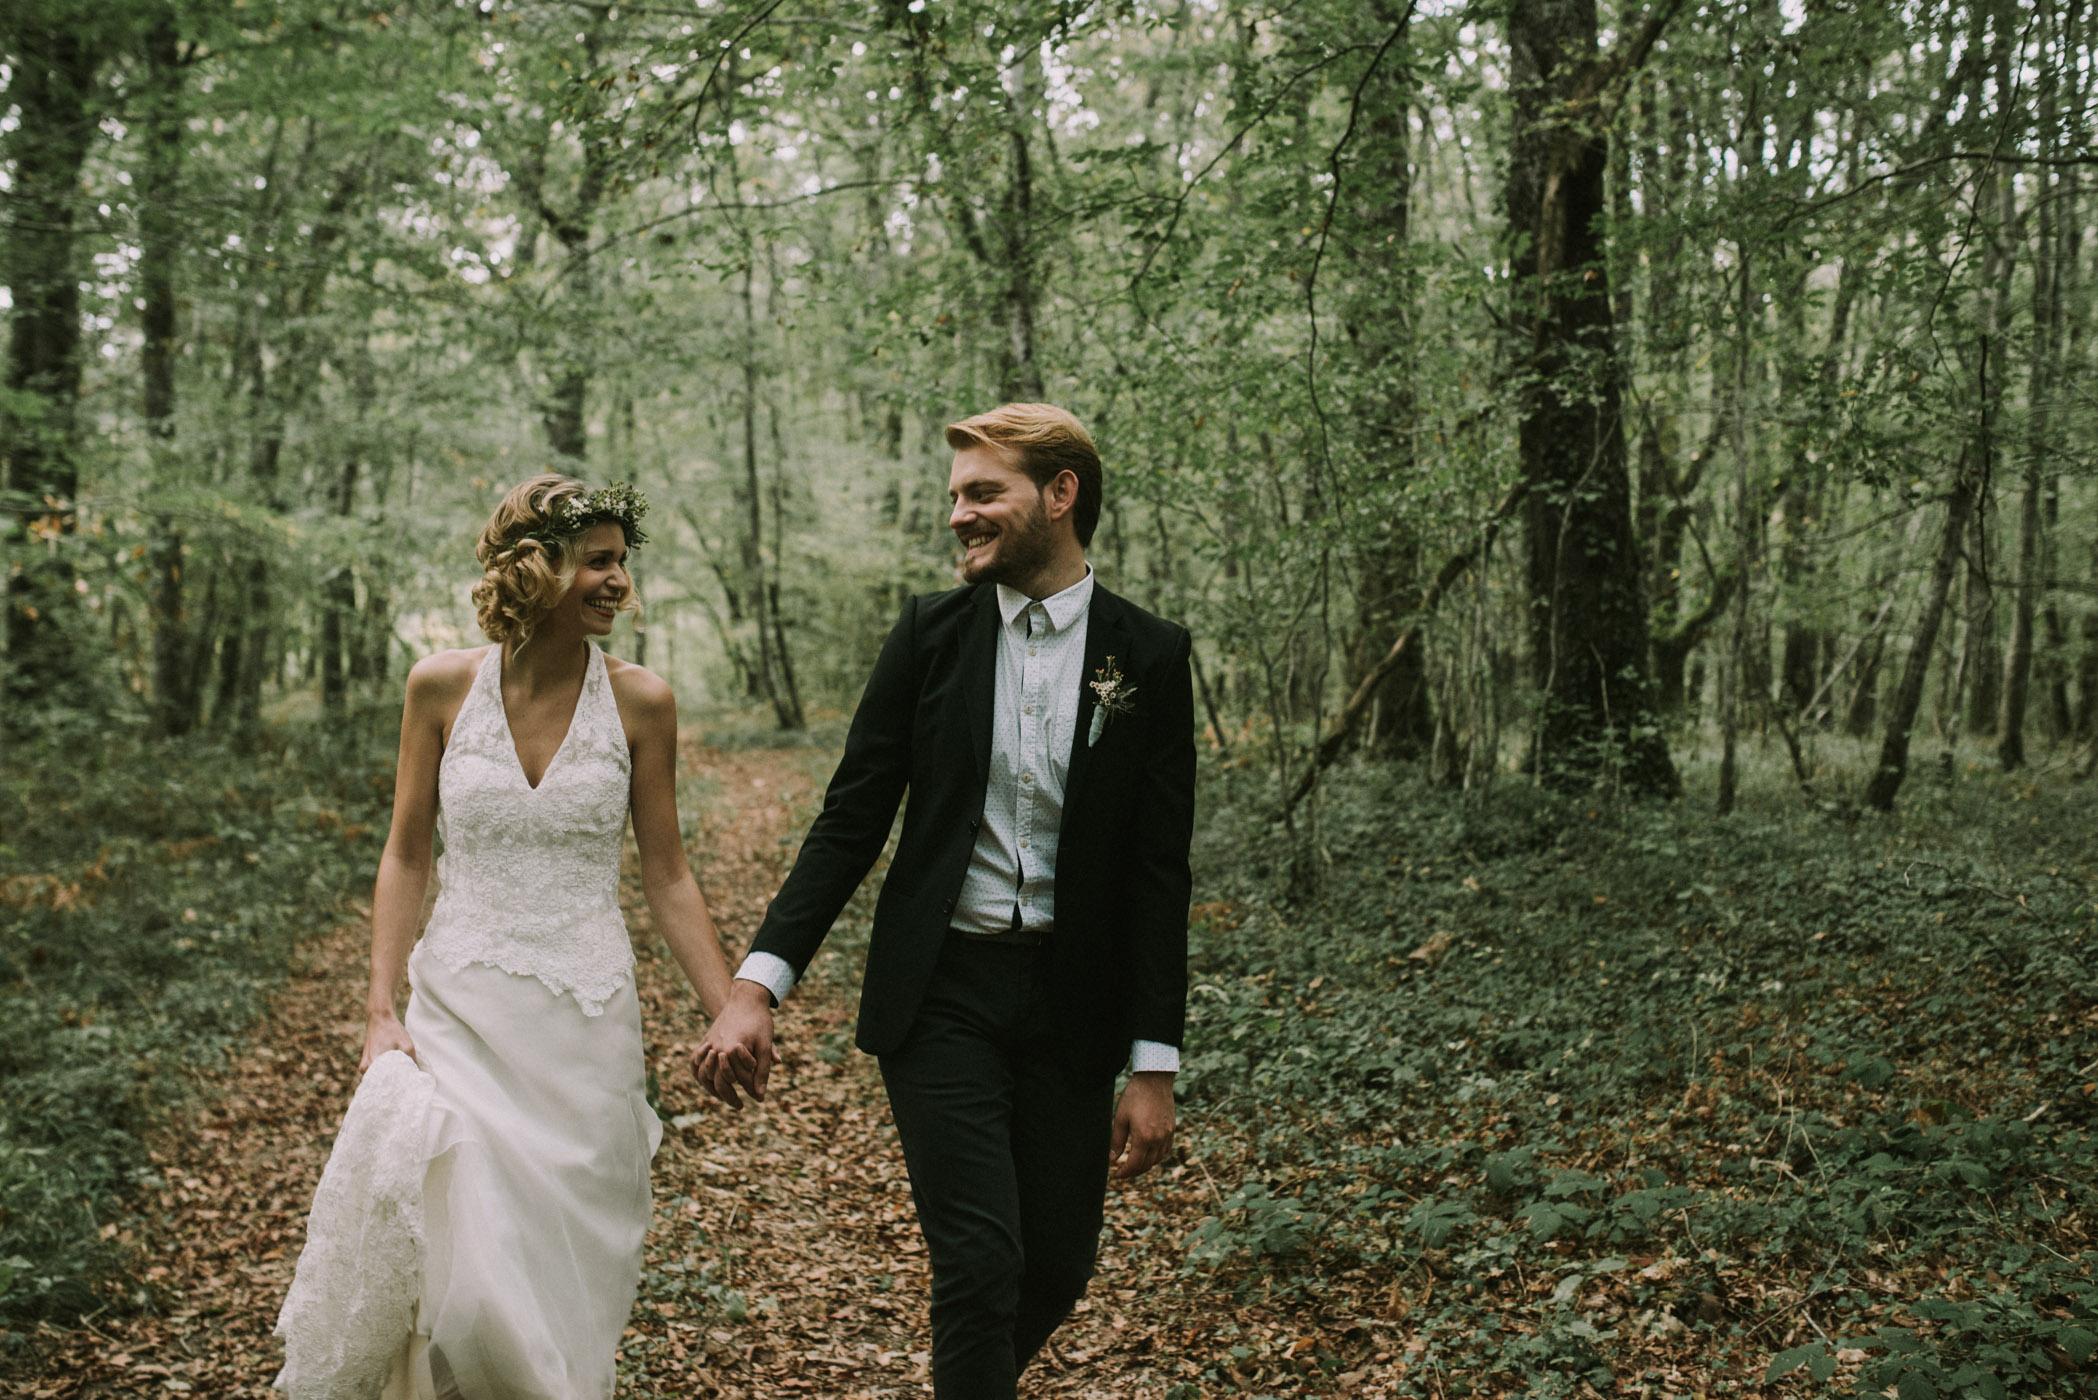 sun-drops-down-shooting-dinspiration-automnal-sous-les-bois-en-dordogne-blog-mariage-la-mariee-sous-les-etoiles-photo-mira-al-pajarito-13